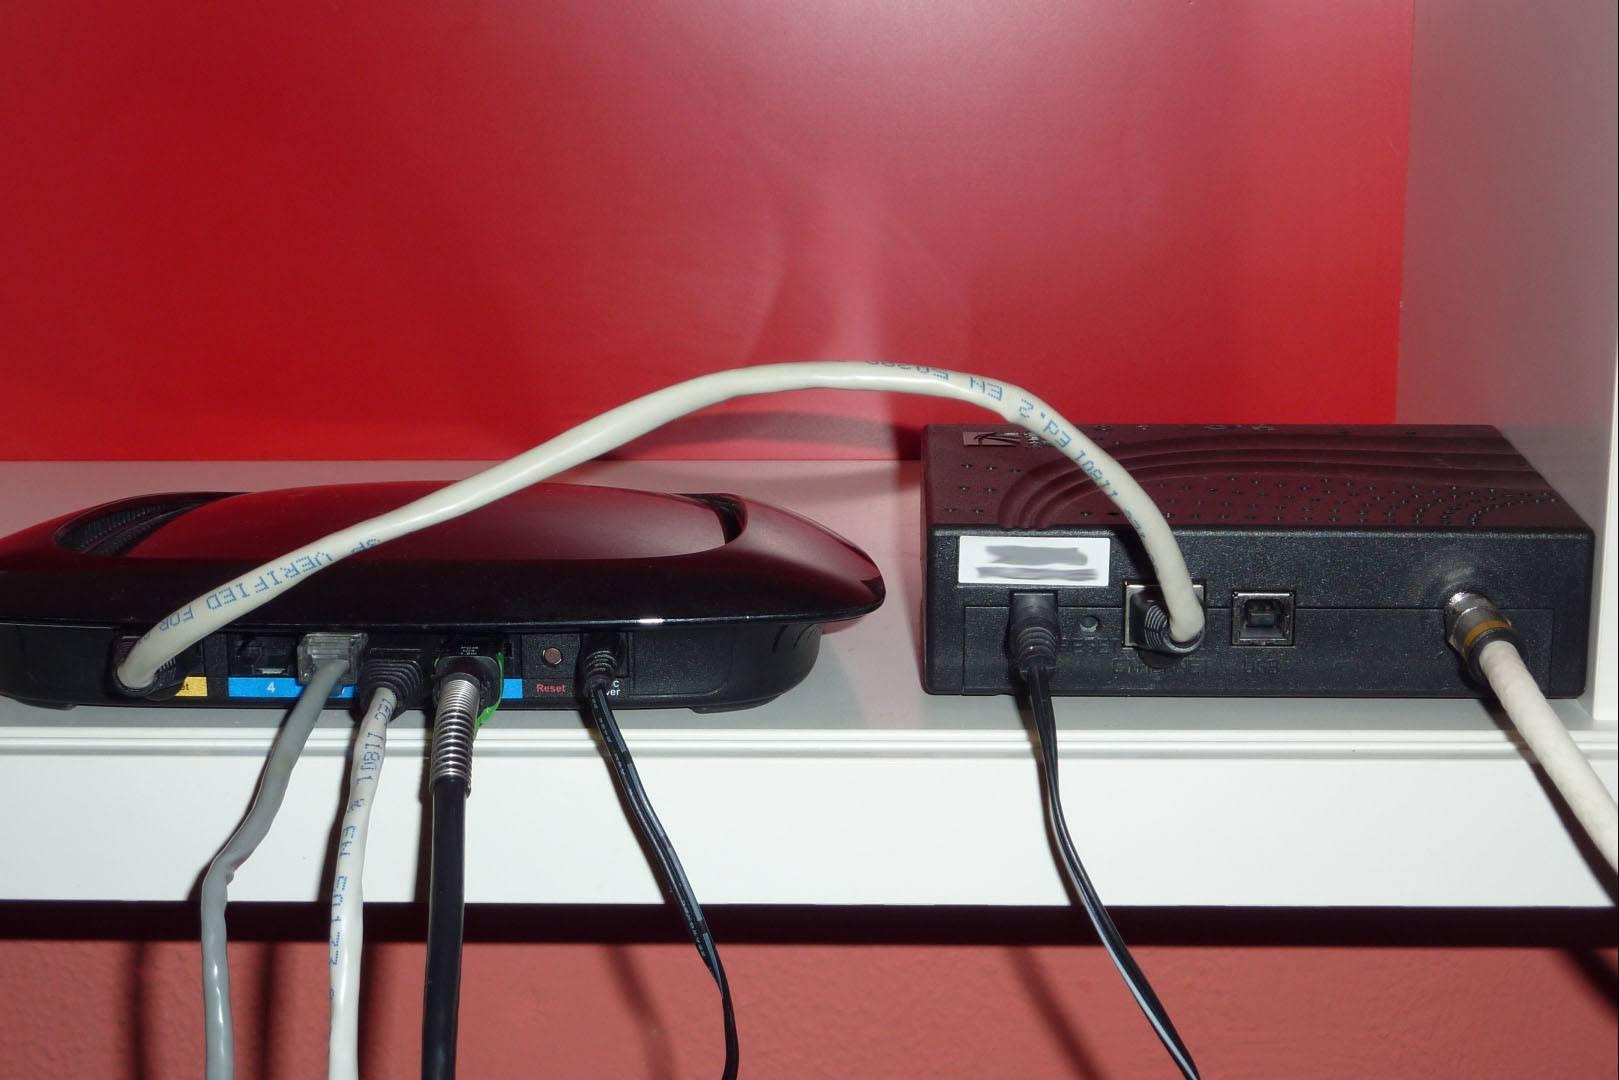 980modem_a_router.jpg